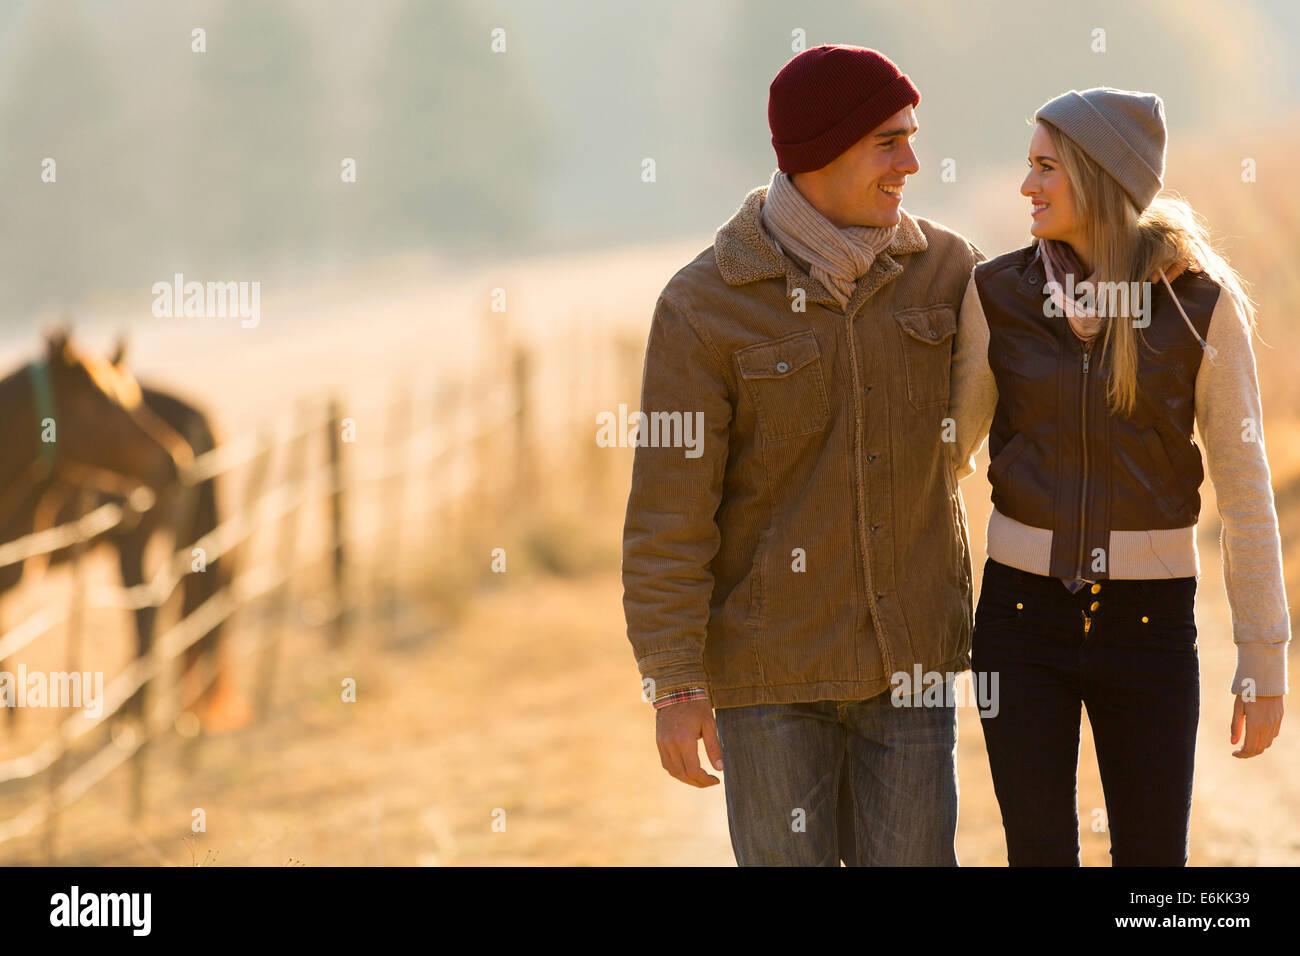 Adorable pareja joven caminando en campo Foto de stock